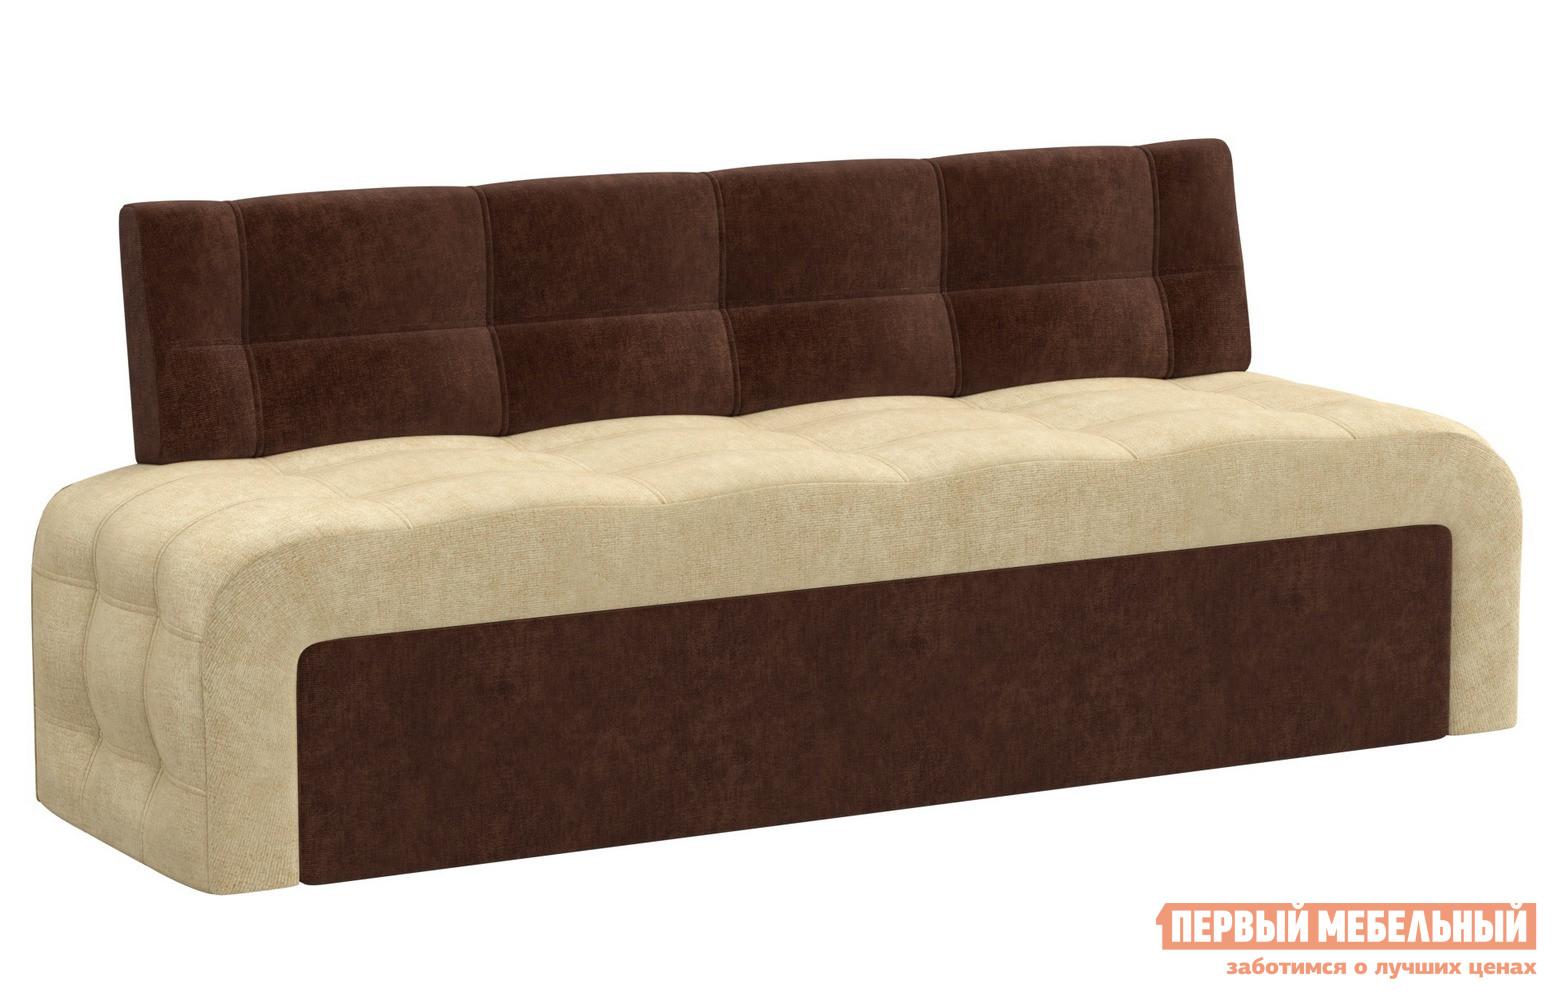 Прямой кухонный раскладной диван для маленькой кухни Мебелико Кухонный диван Люксор микровельвет прямой кухонный раскладной диван для маленькой кухни мебелико кухонный диван люксор микровельвет